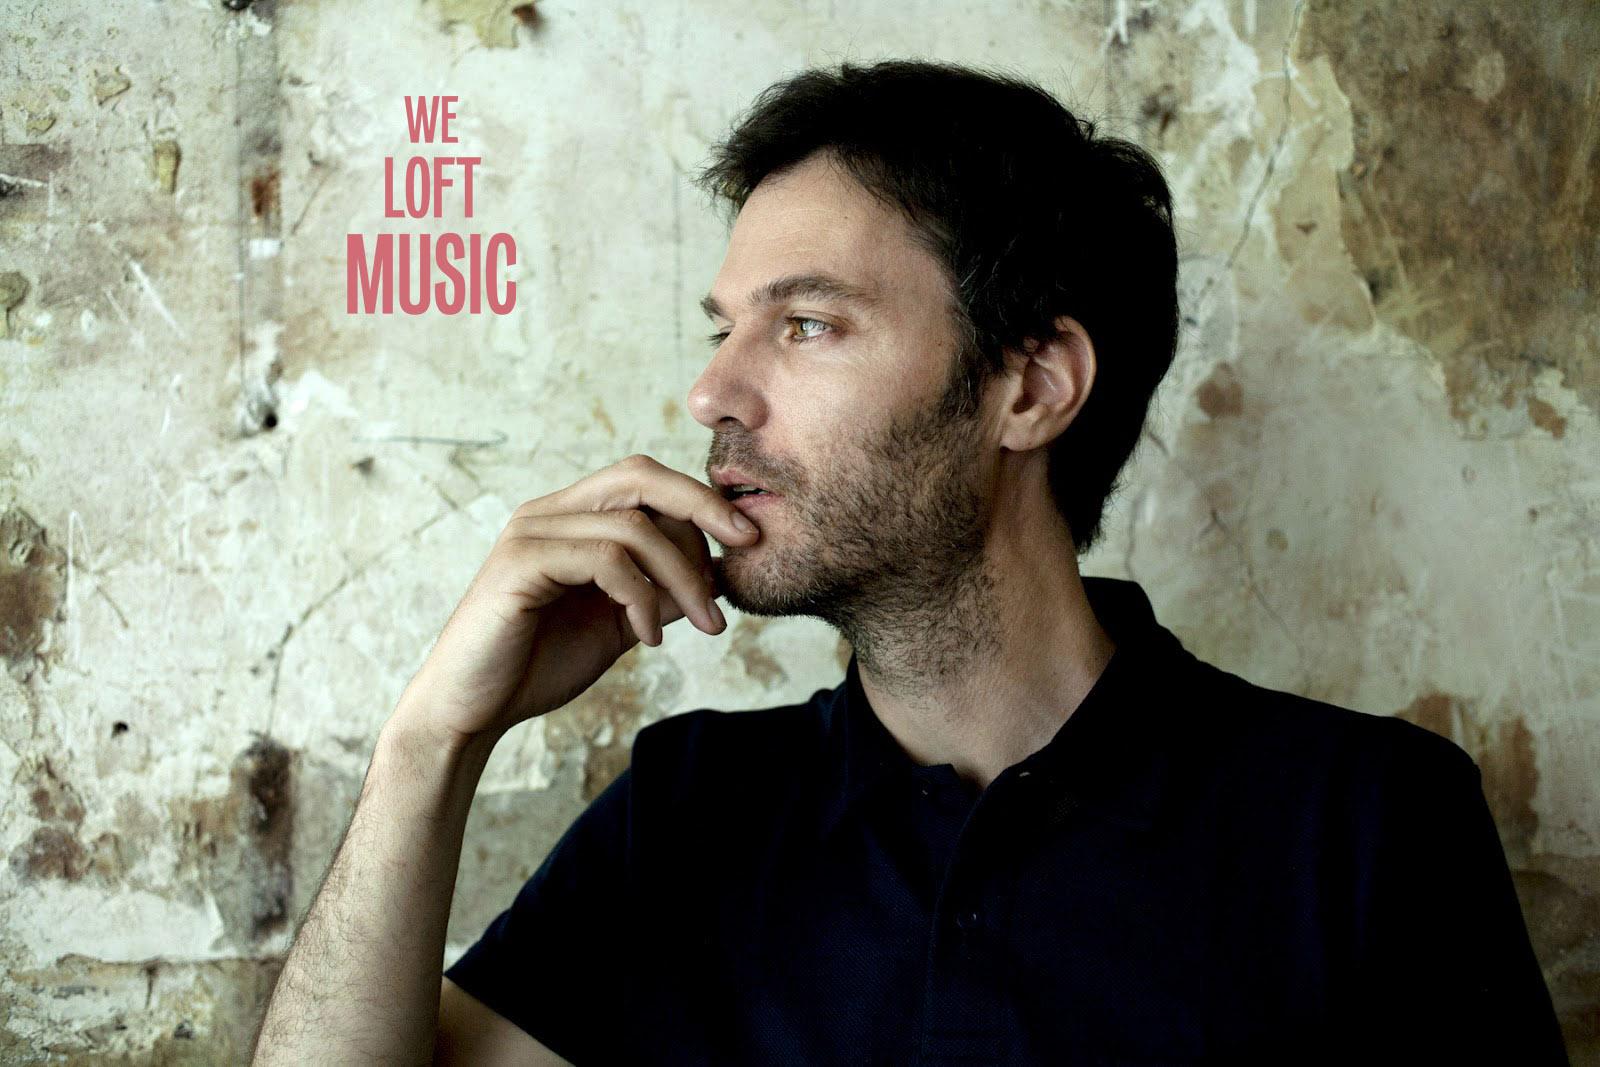 Piers Faccini – We Loft Music